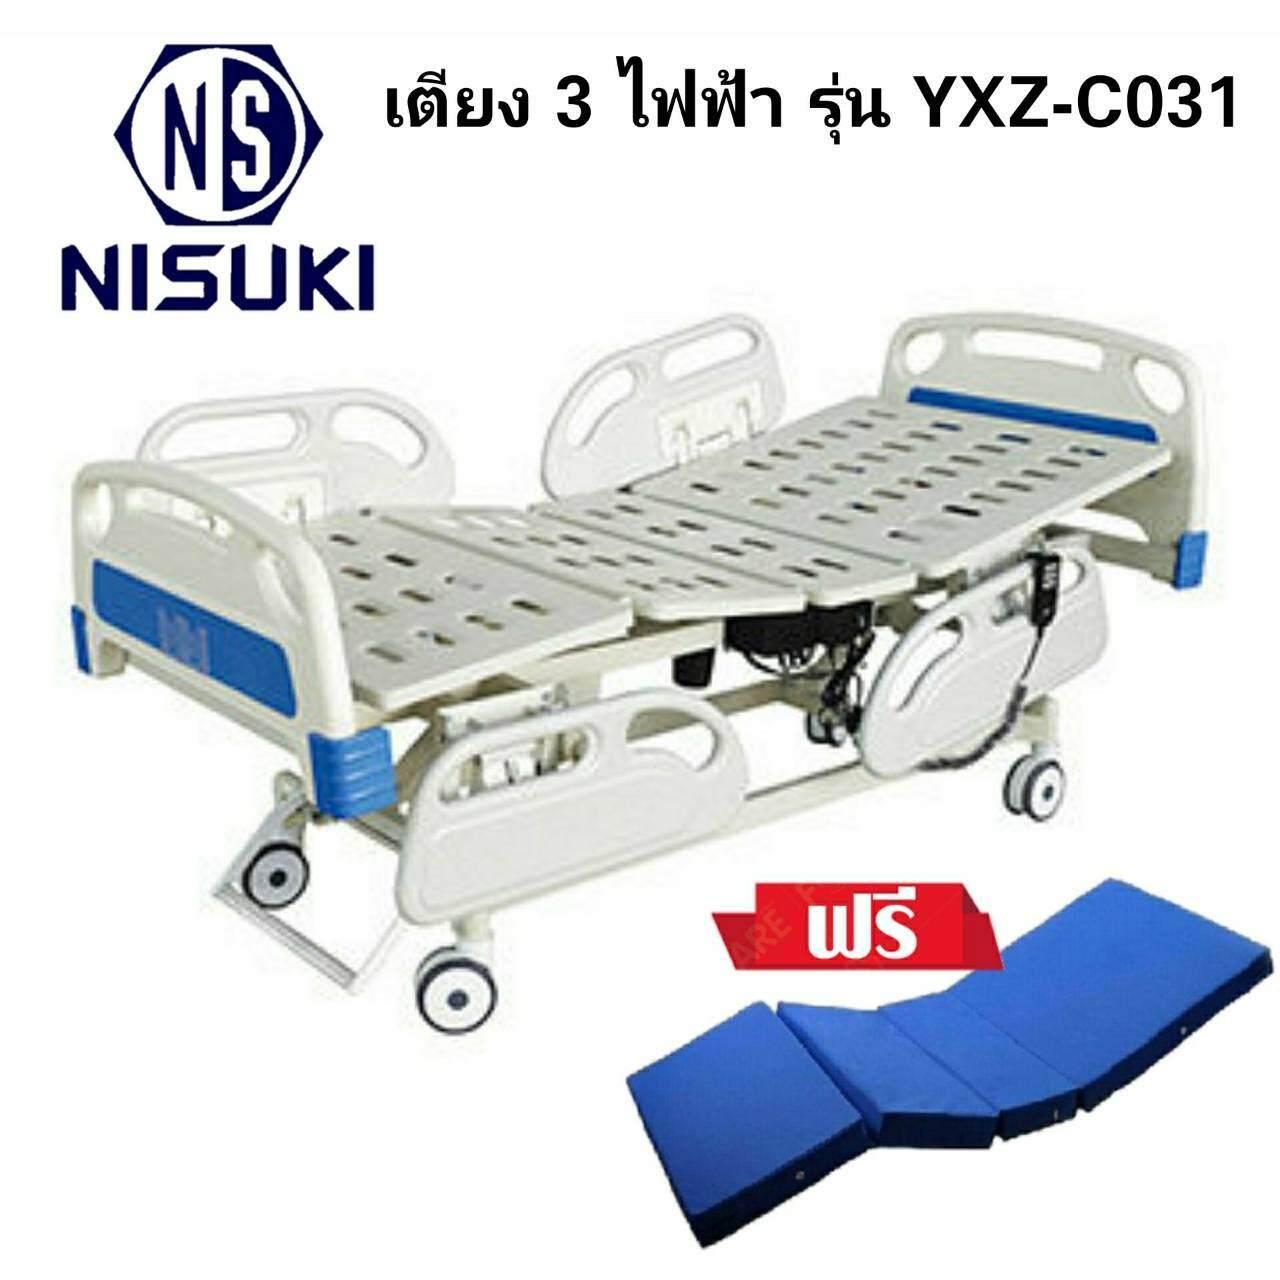 เตียงผู้ป่วย ระบบไฟฟ้า 3 ไกร์ พร้อมเบาะรอง.